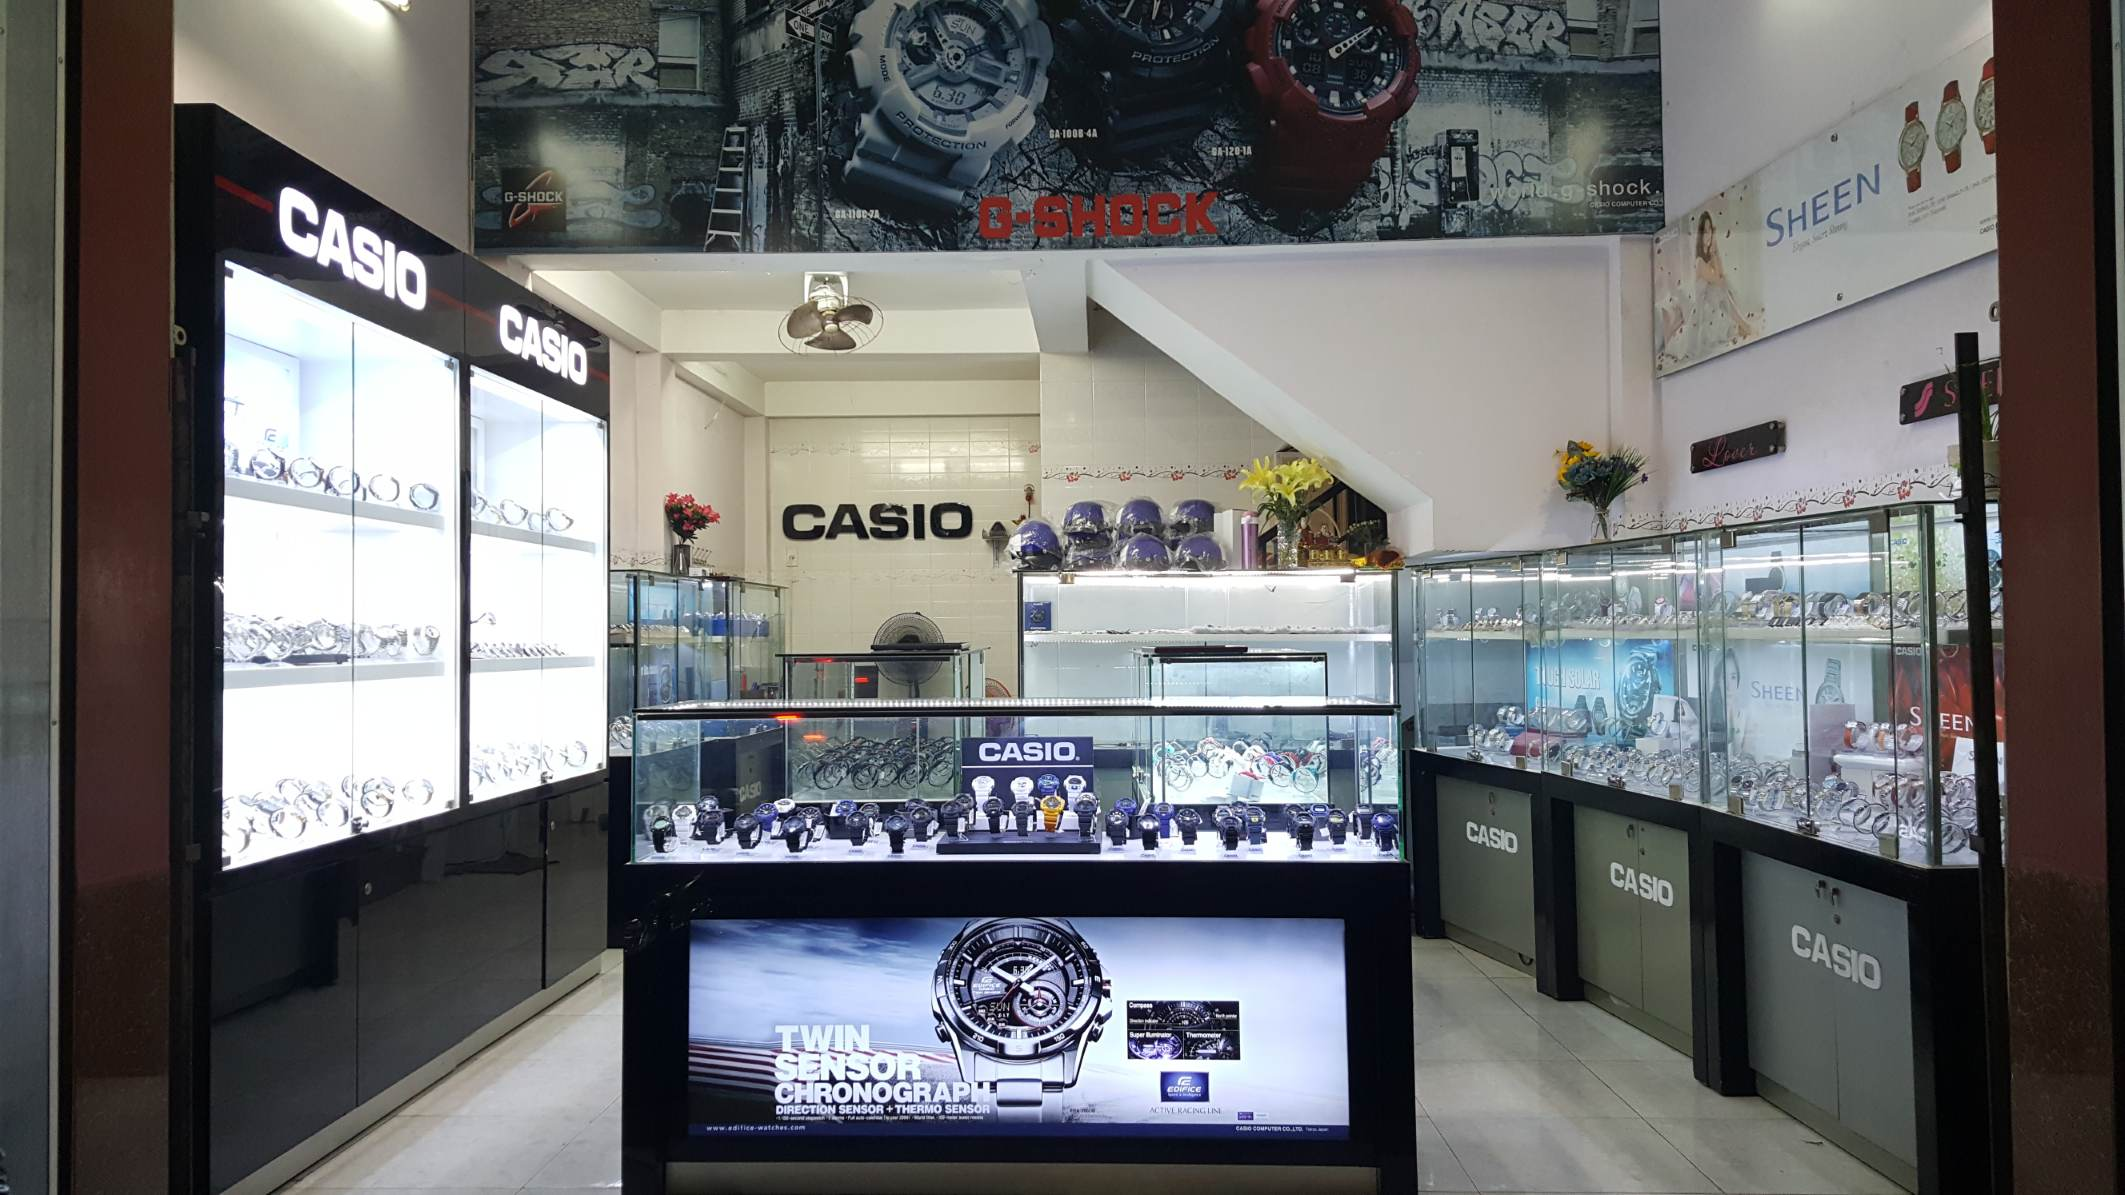 shop đồng hồ chính hãng casio mỹ tho tiền giang